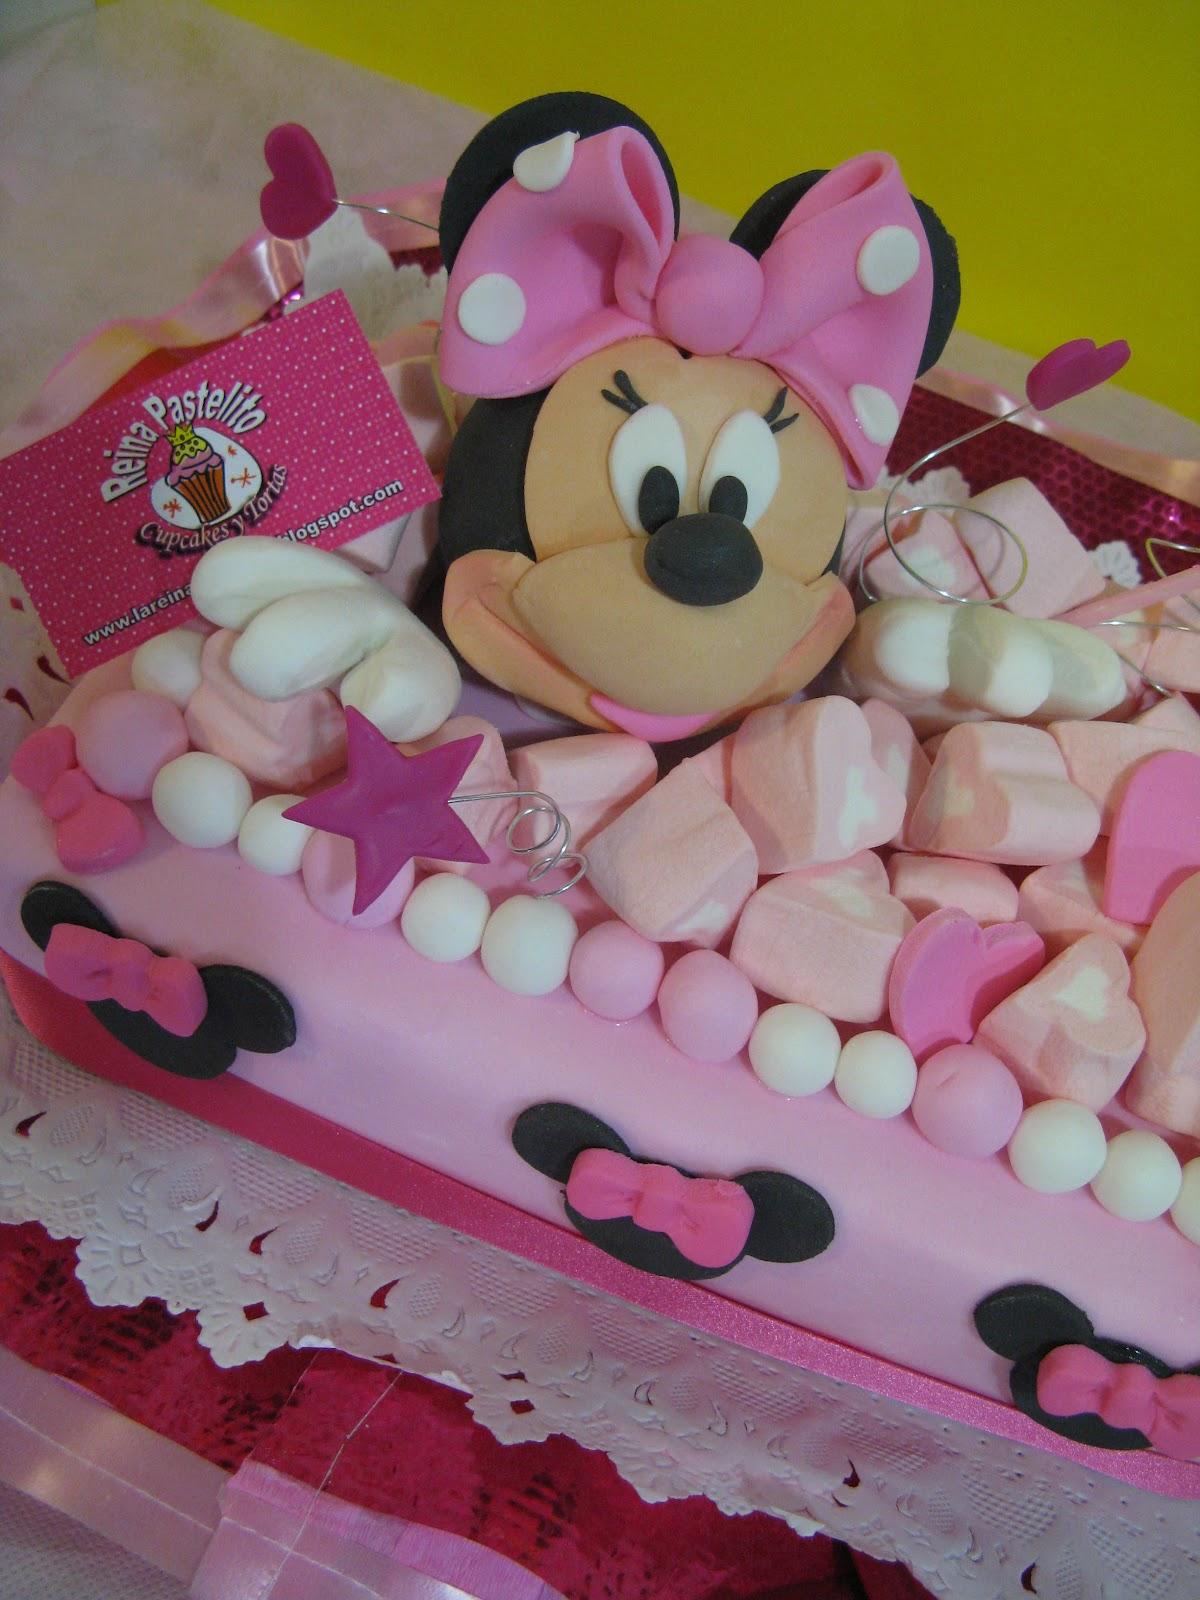 Reina Pastelito Cupcakes Tortas Torta Minnie Mouse Reina